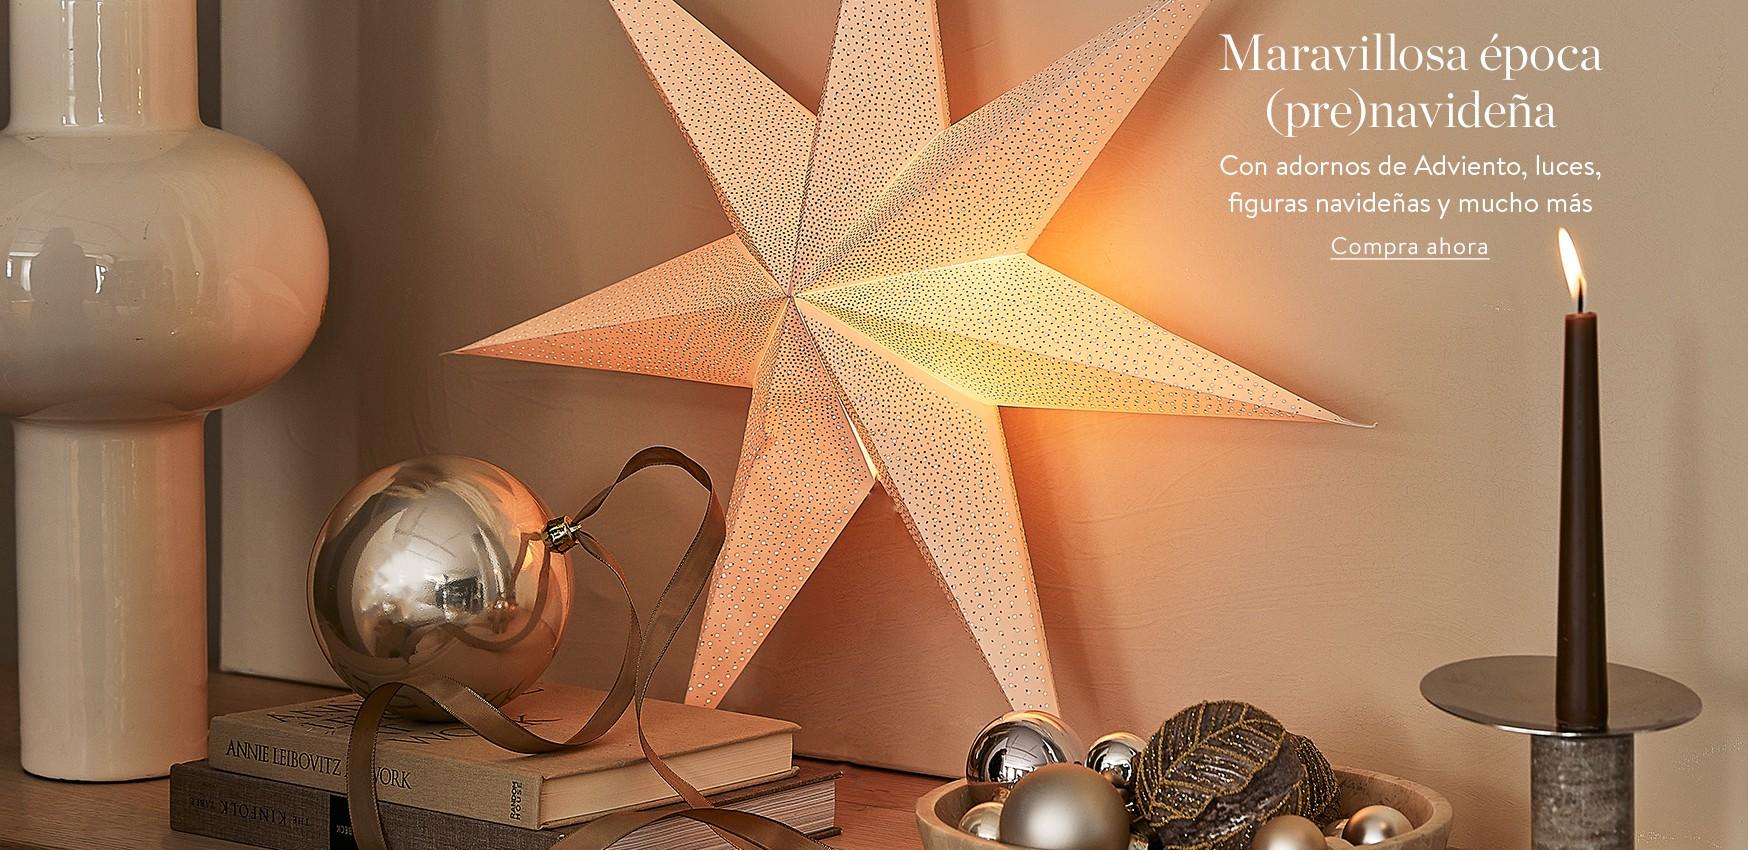 Maravillosa época (pre)navideña Con adornos de Adviento, luces, figuras navideñas y mucho más